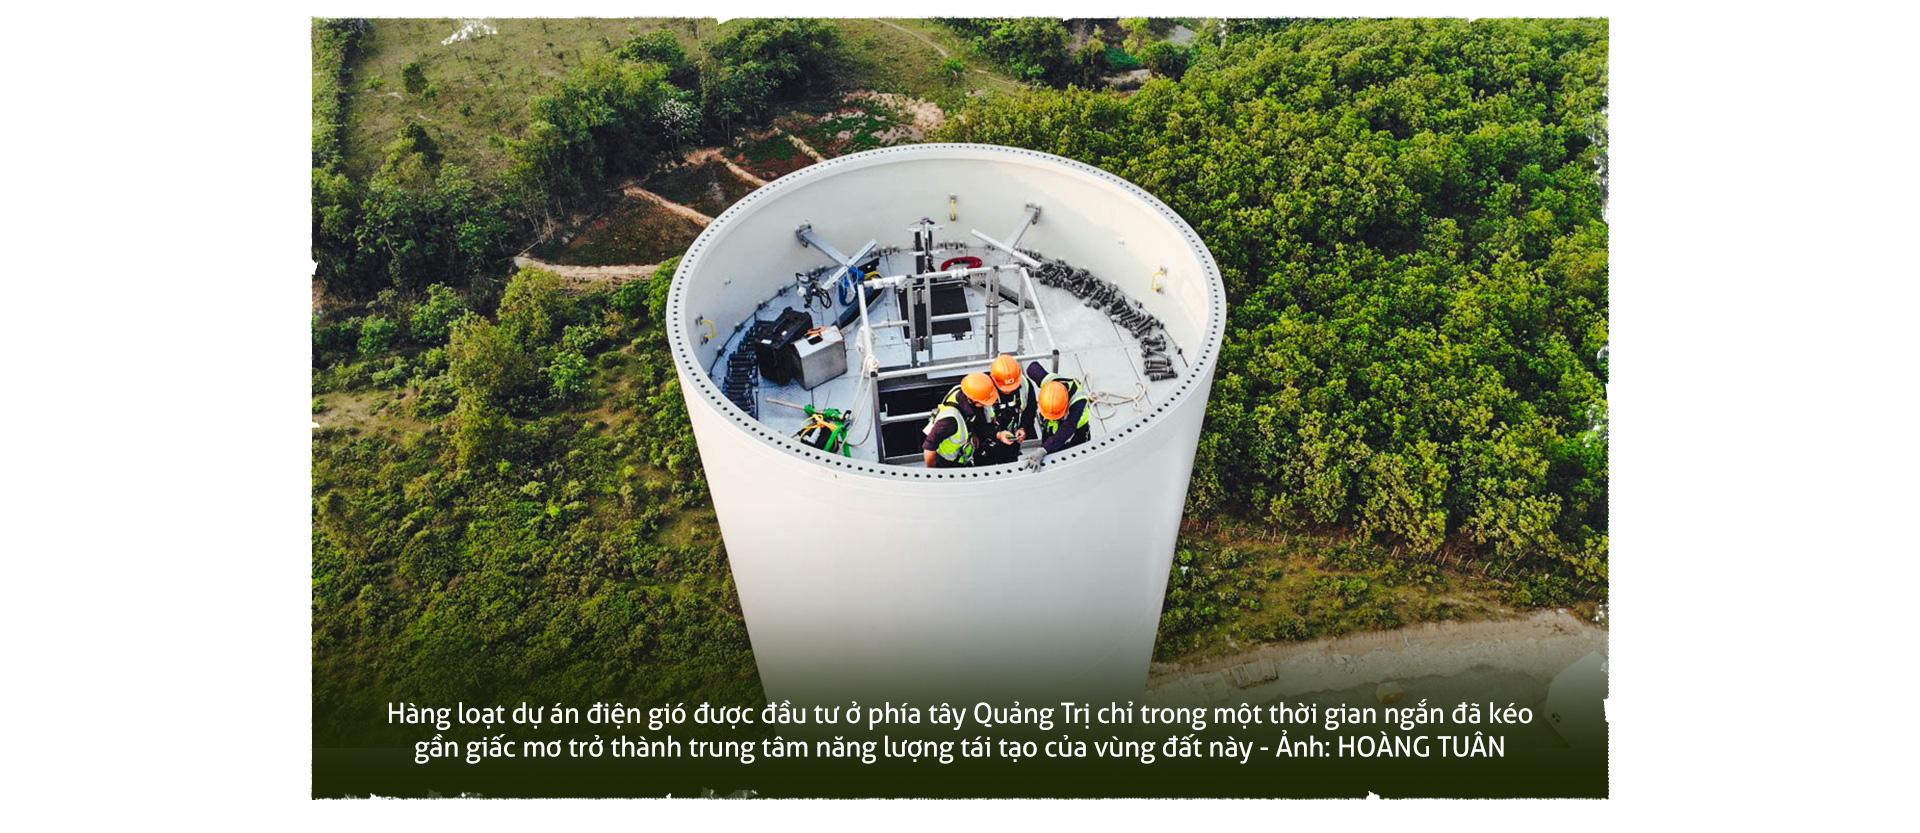 Quảng Trị xây giấc mơ thành trung tâm năng lượng tái tạo - Ảnh 3.